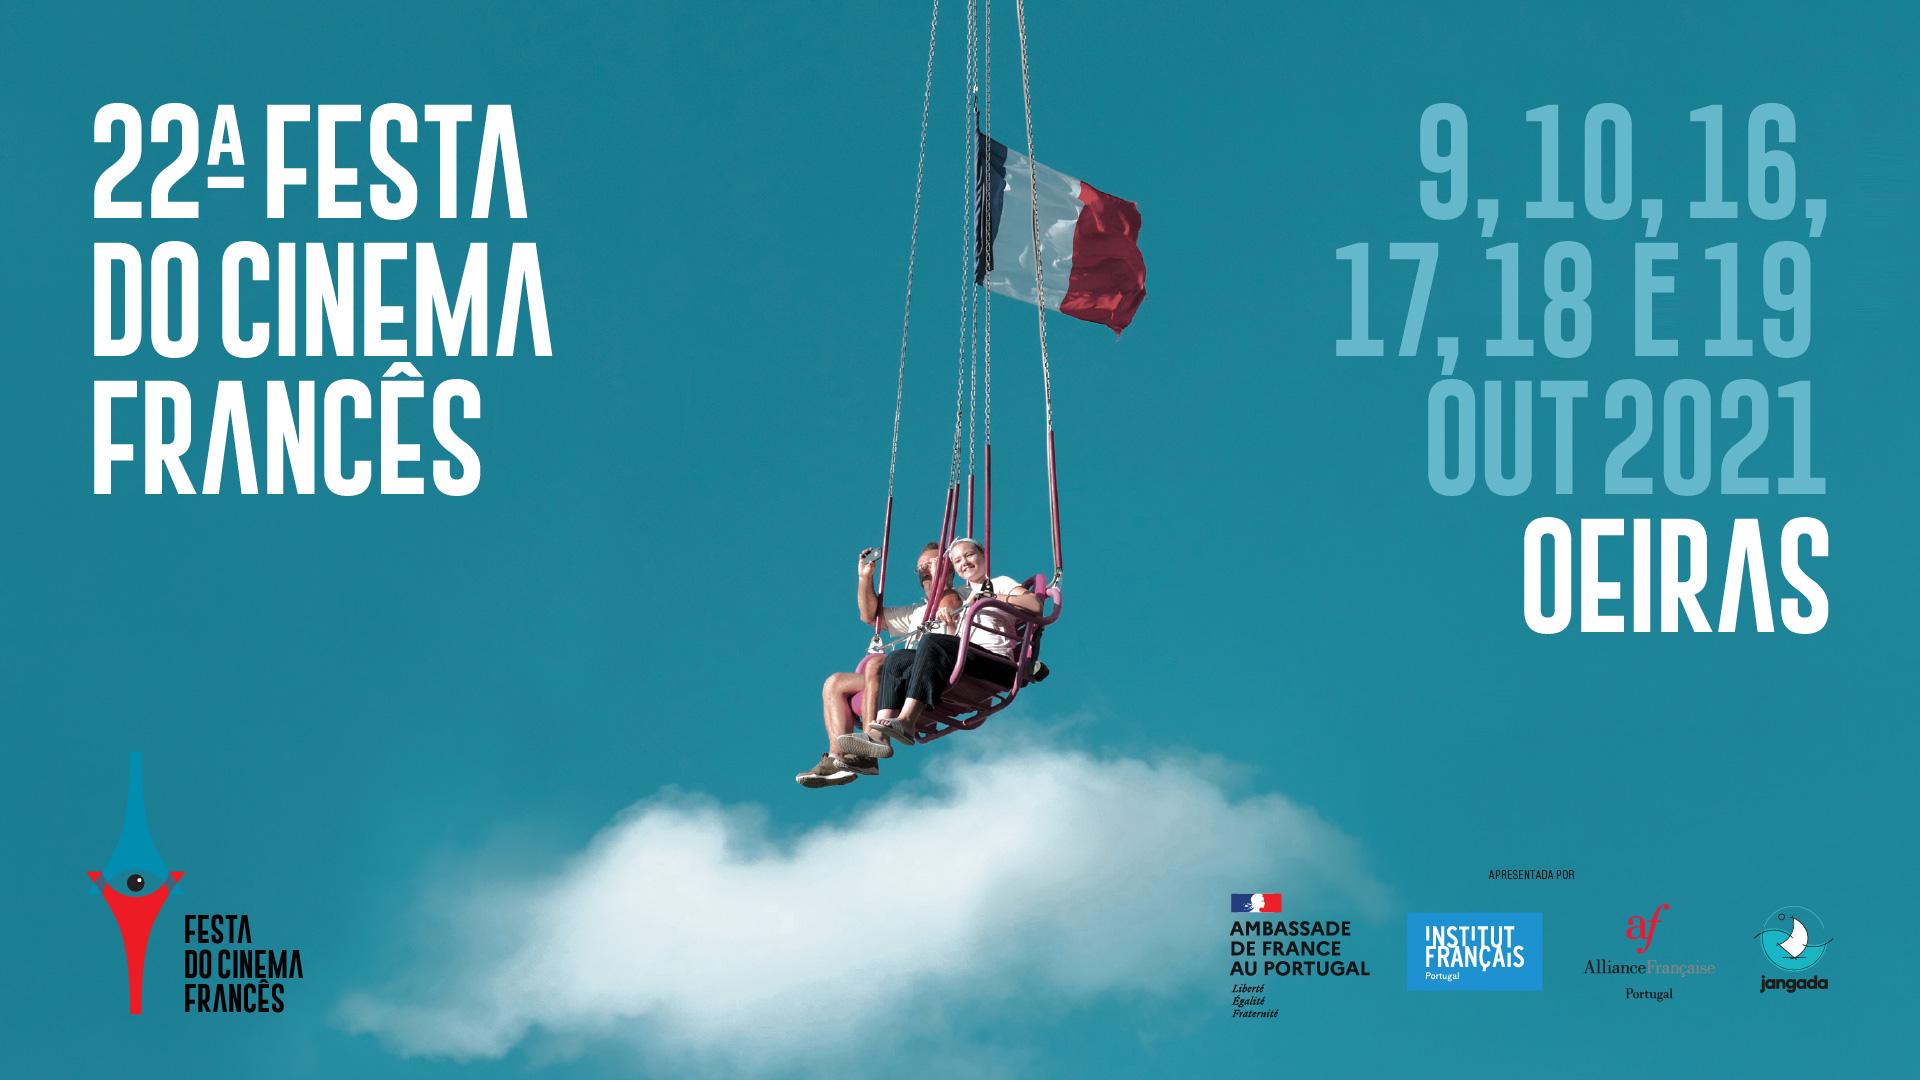 22ª Festa do Cinema Francês . Oeiras